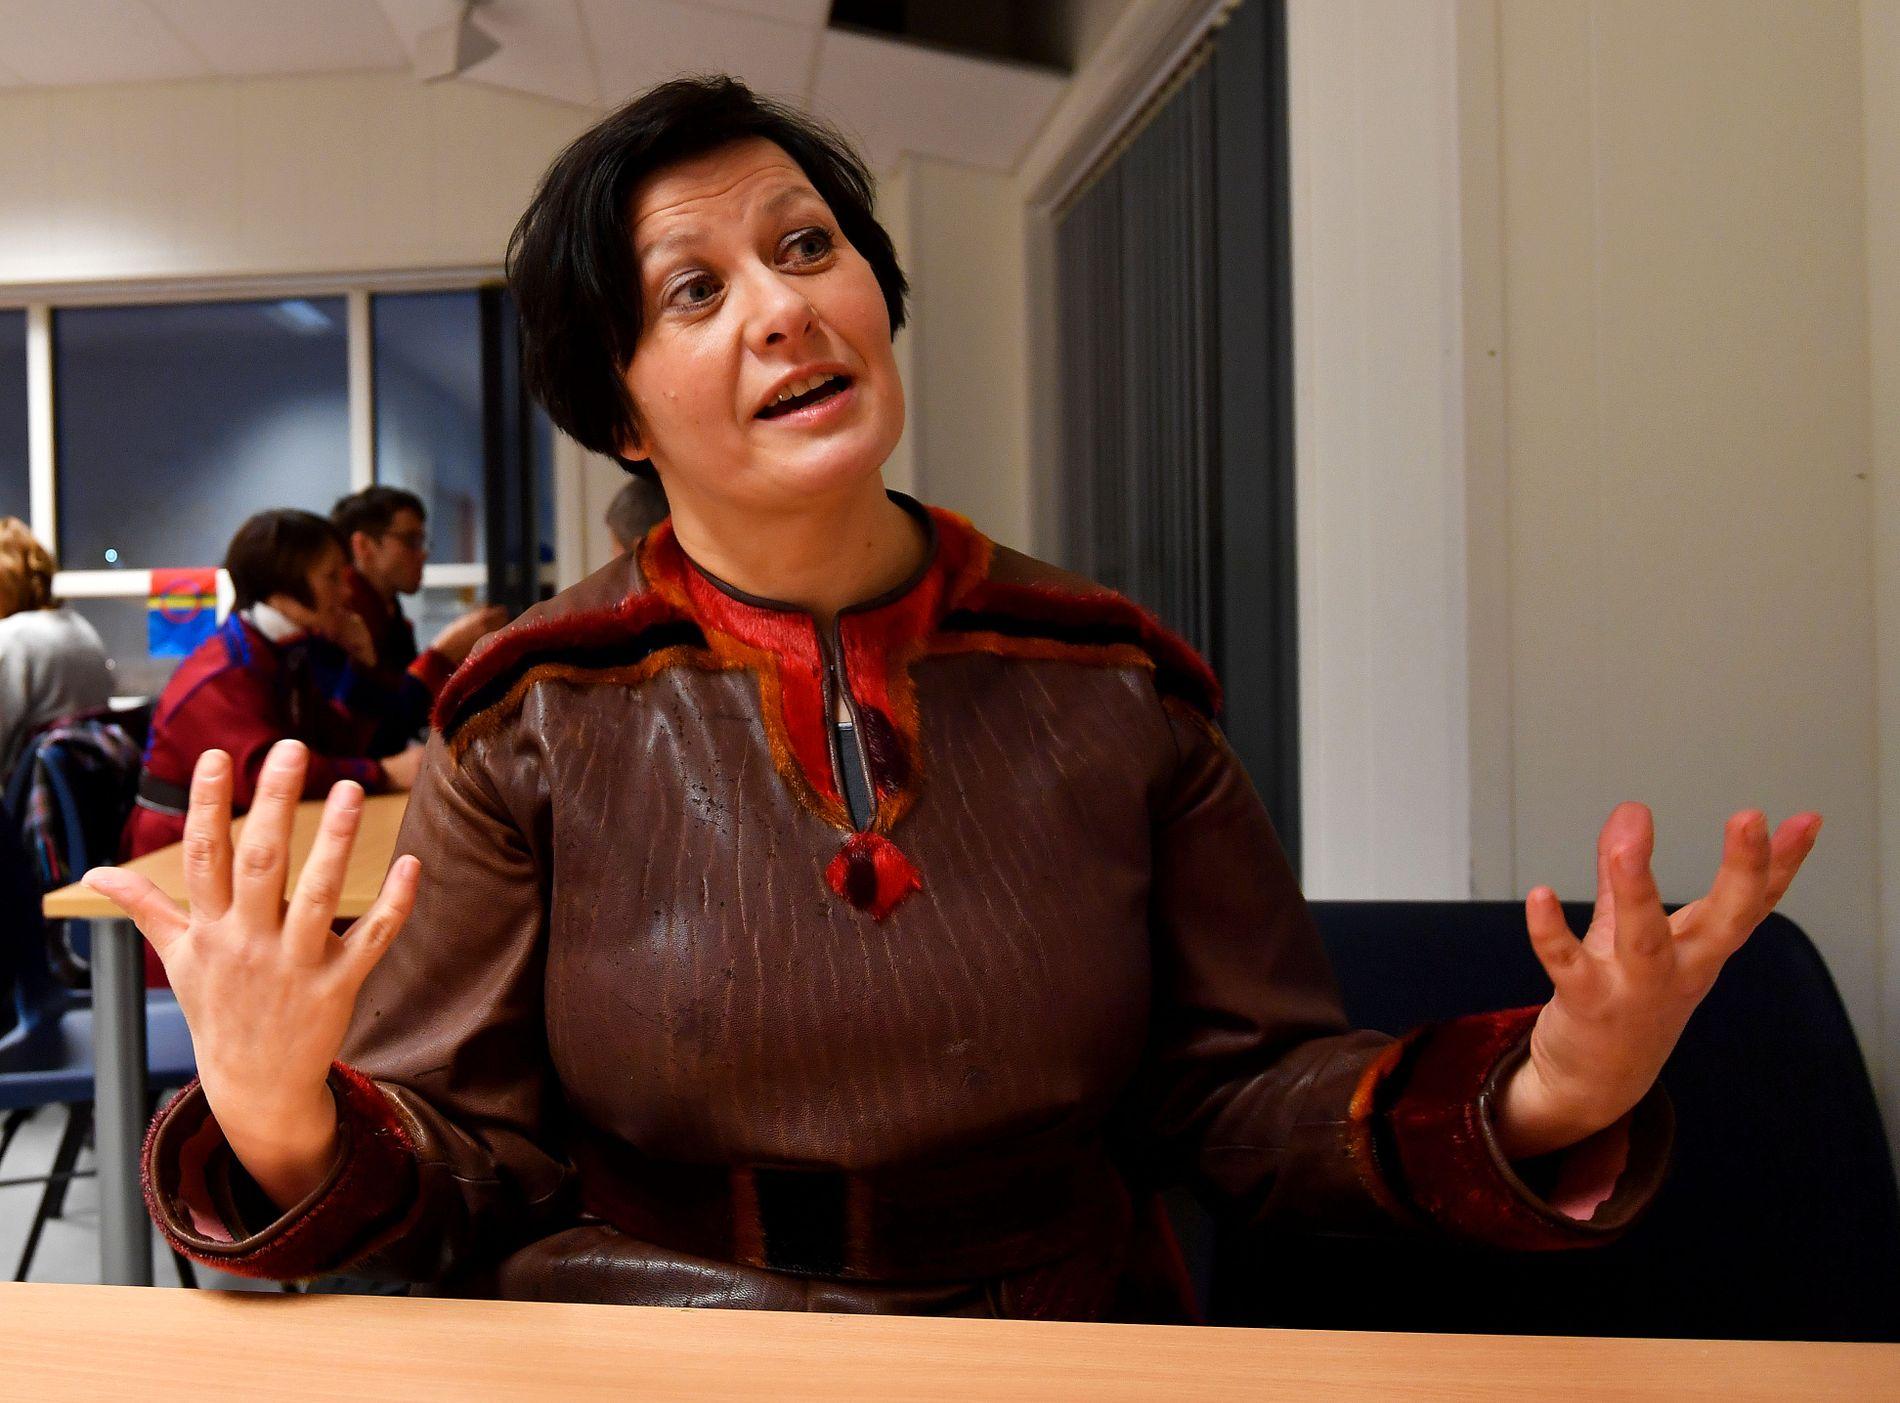 FRYKTER Å BLI SLUKT: Helga Pedersen var tidligere nestleder i Arbeiderpartiet. Nå er hun nyvalgt leder i Tana Ap. Bildet er fra feiringen av samenes nasjonaldag i Tana nylig.